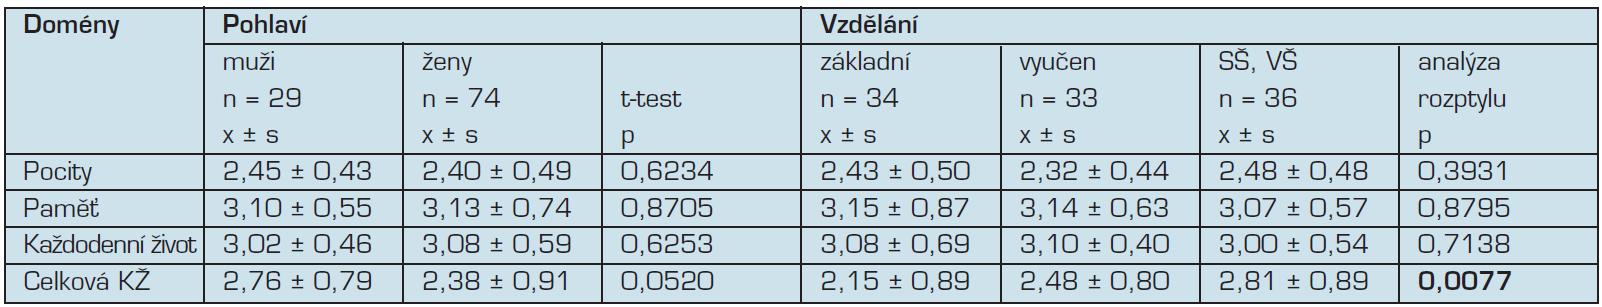 Porovnání kvality života v jednotlivých doménách dle pohlaví a vzdělání